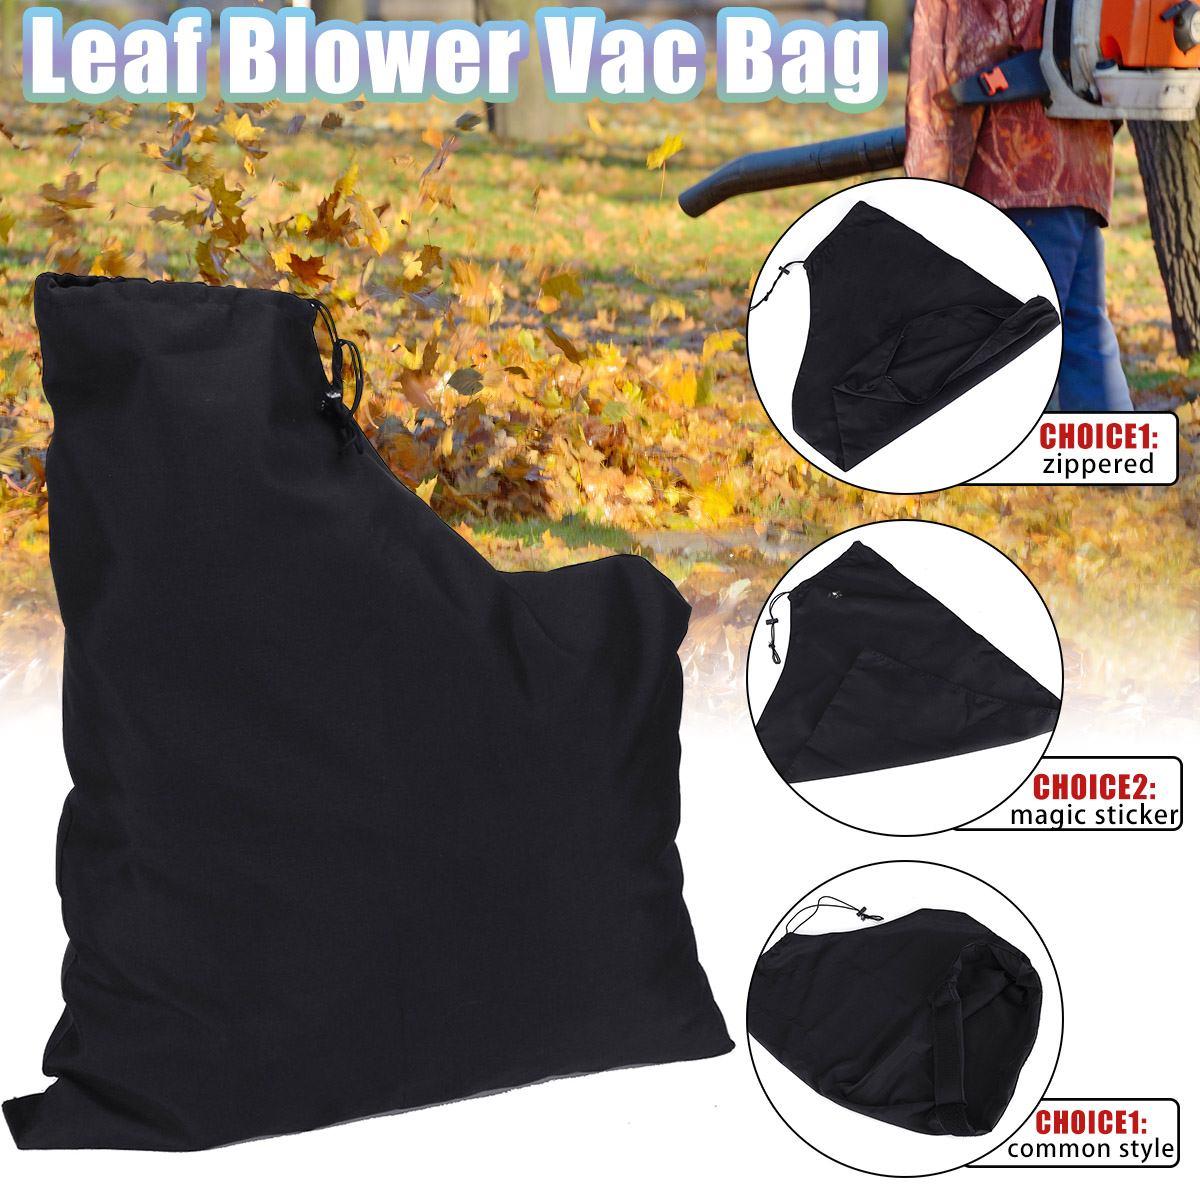 Leaf Blower Vacuum Bag Fit For Weed Eater Barracuda 2595 Mulcher Lawn Yard Shredder Garden Tool Storage Bag Accessories